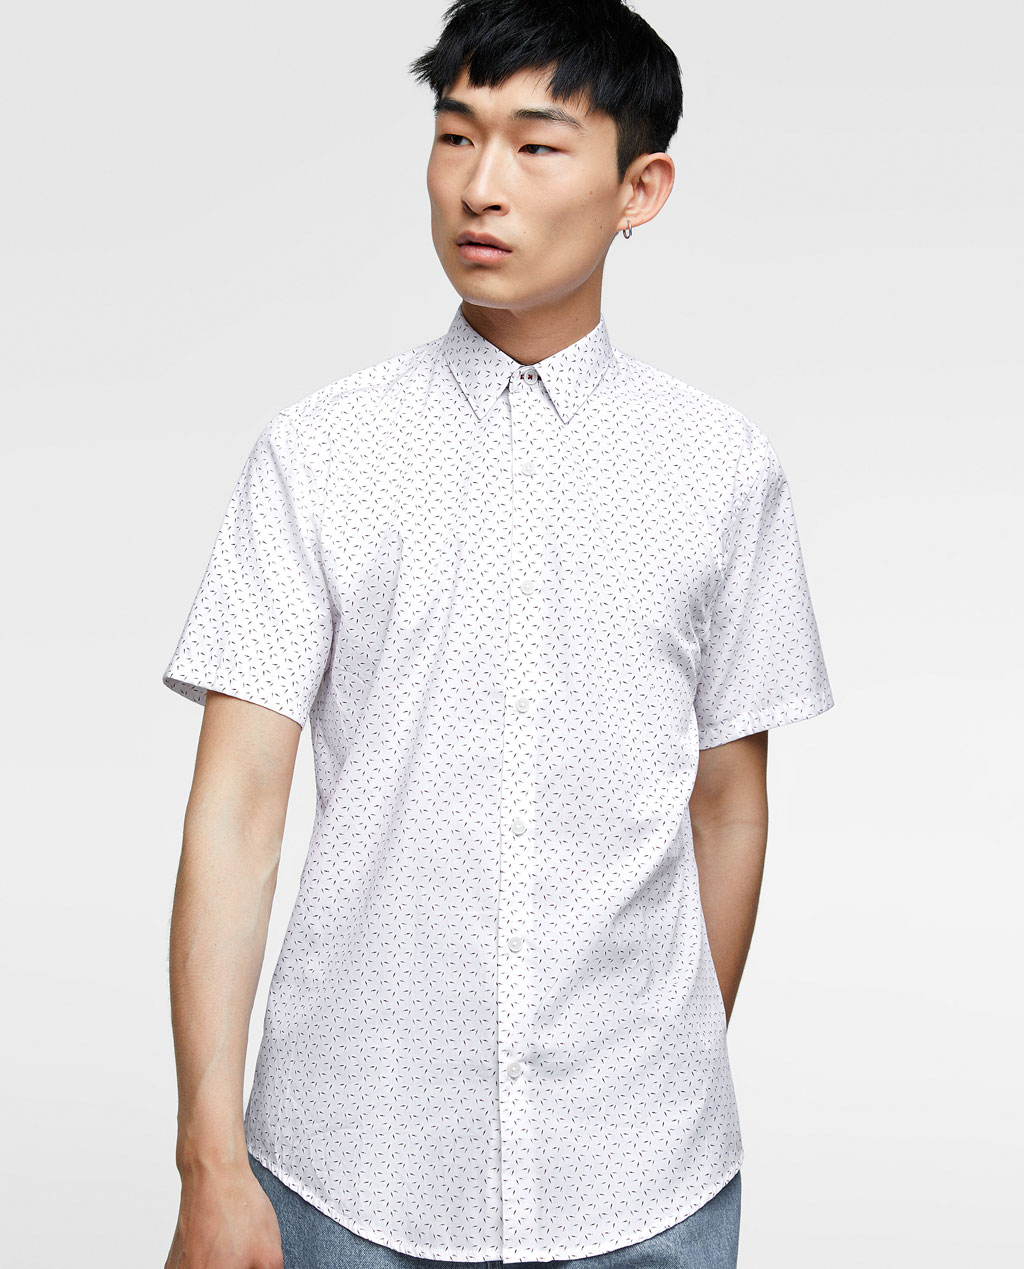 Thời trang nam Zara  24076 - ảnh 4